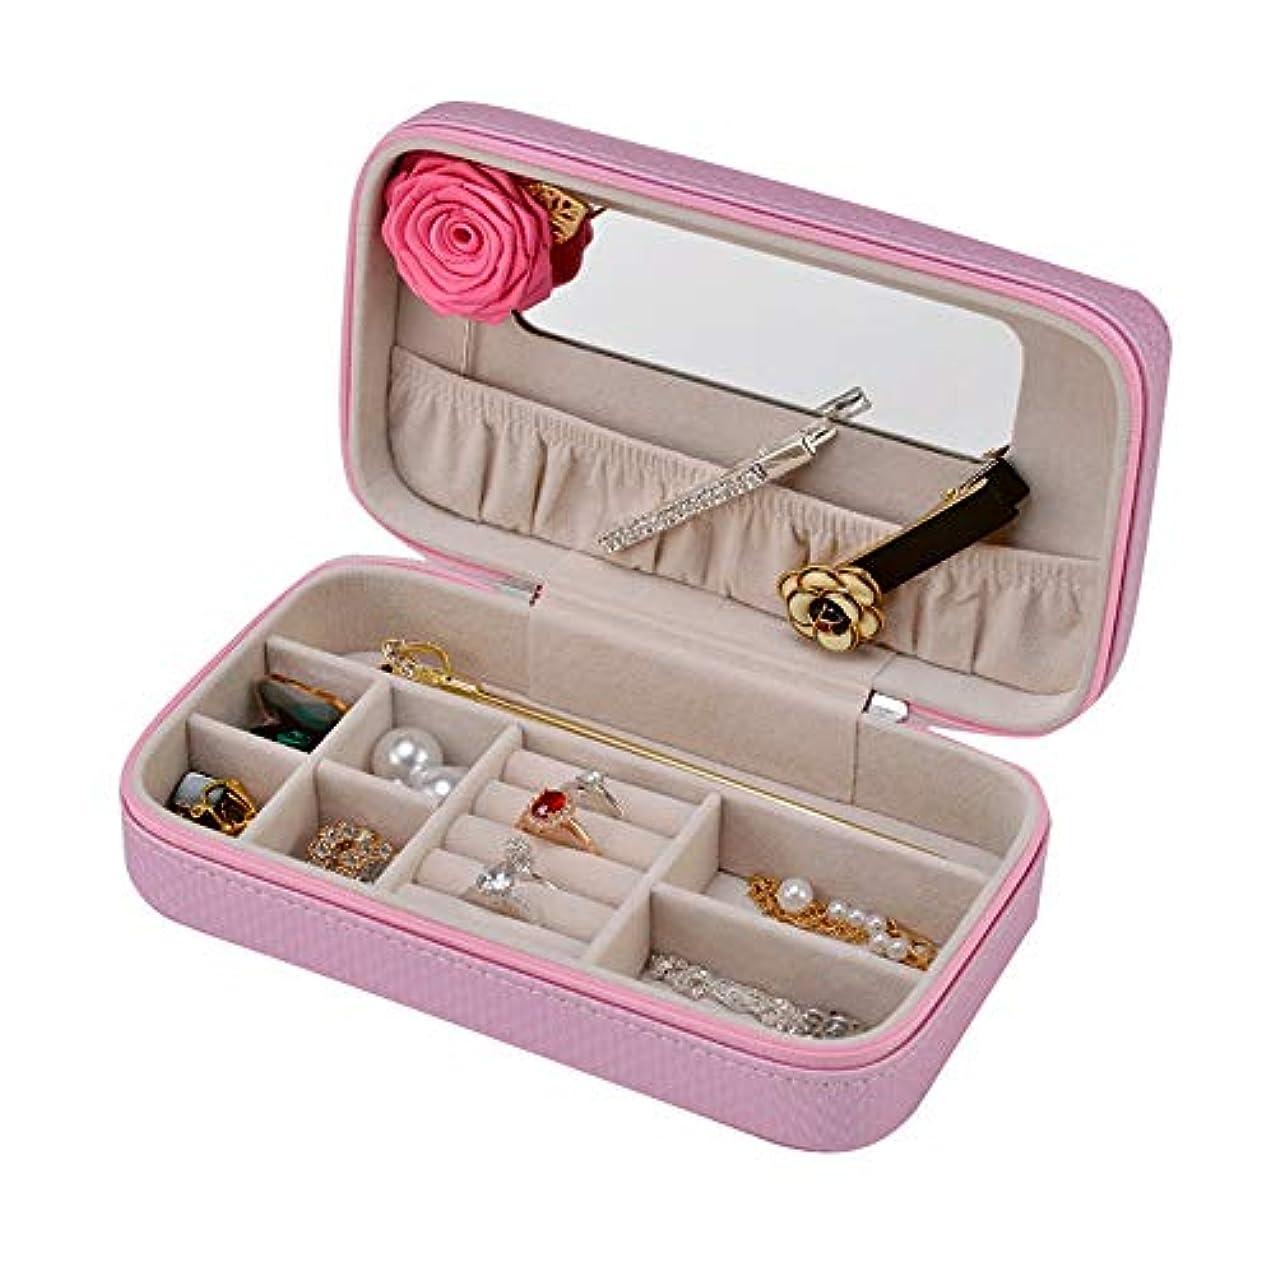 野心的ホイッスル創始者化粧オーガナイザーバッグ 丈夫な女性のジュエリーのストレージの木箱小物のストレージのための 化粧品ケース (色 : 紫の)